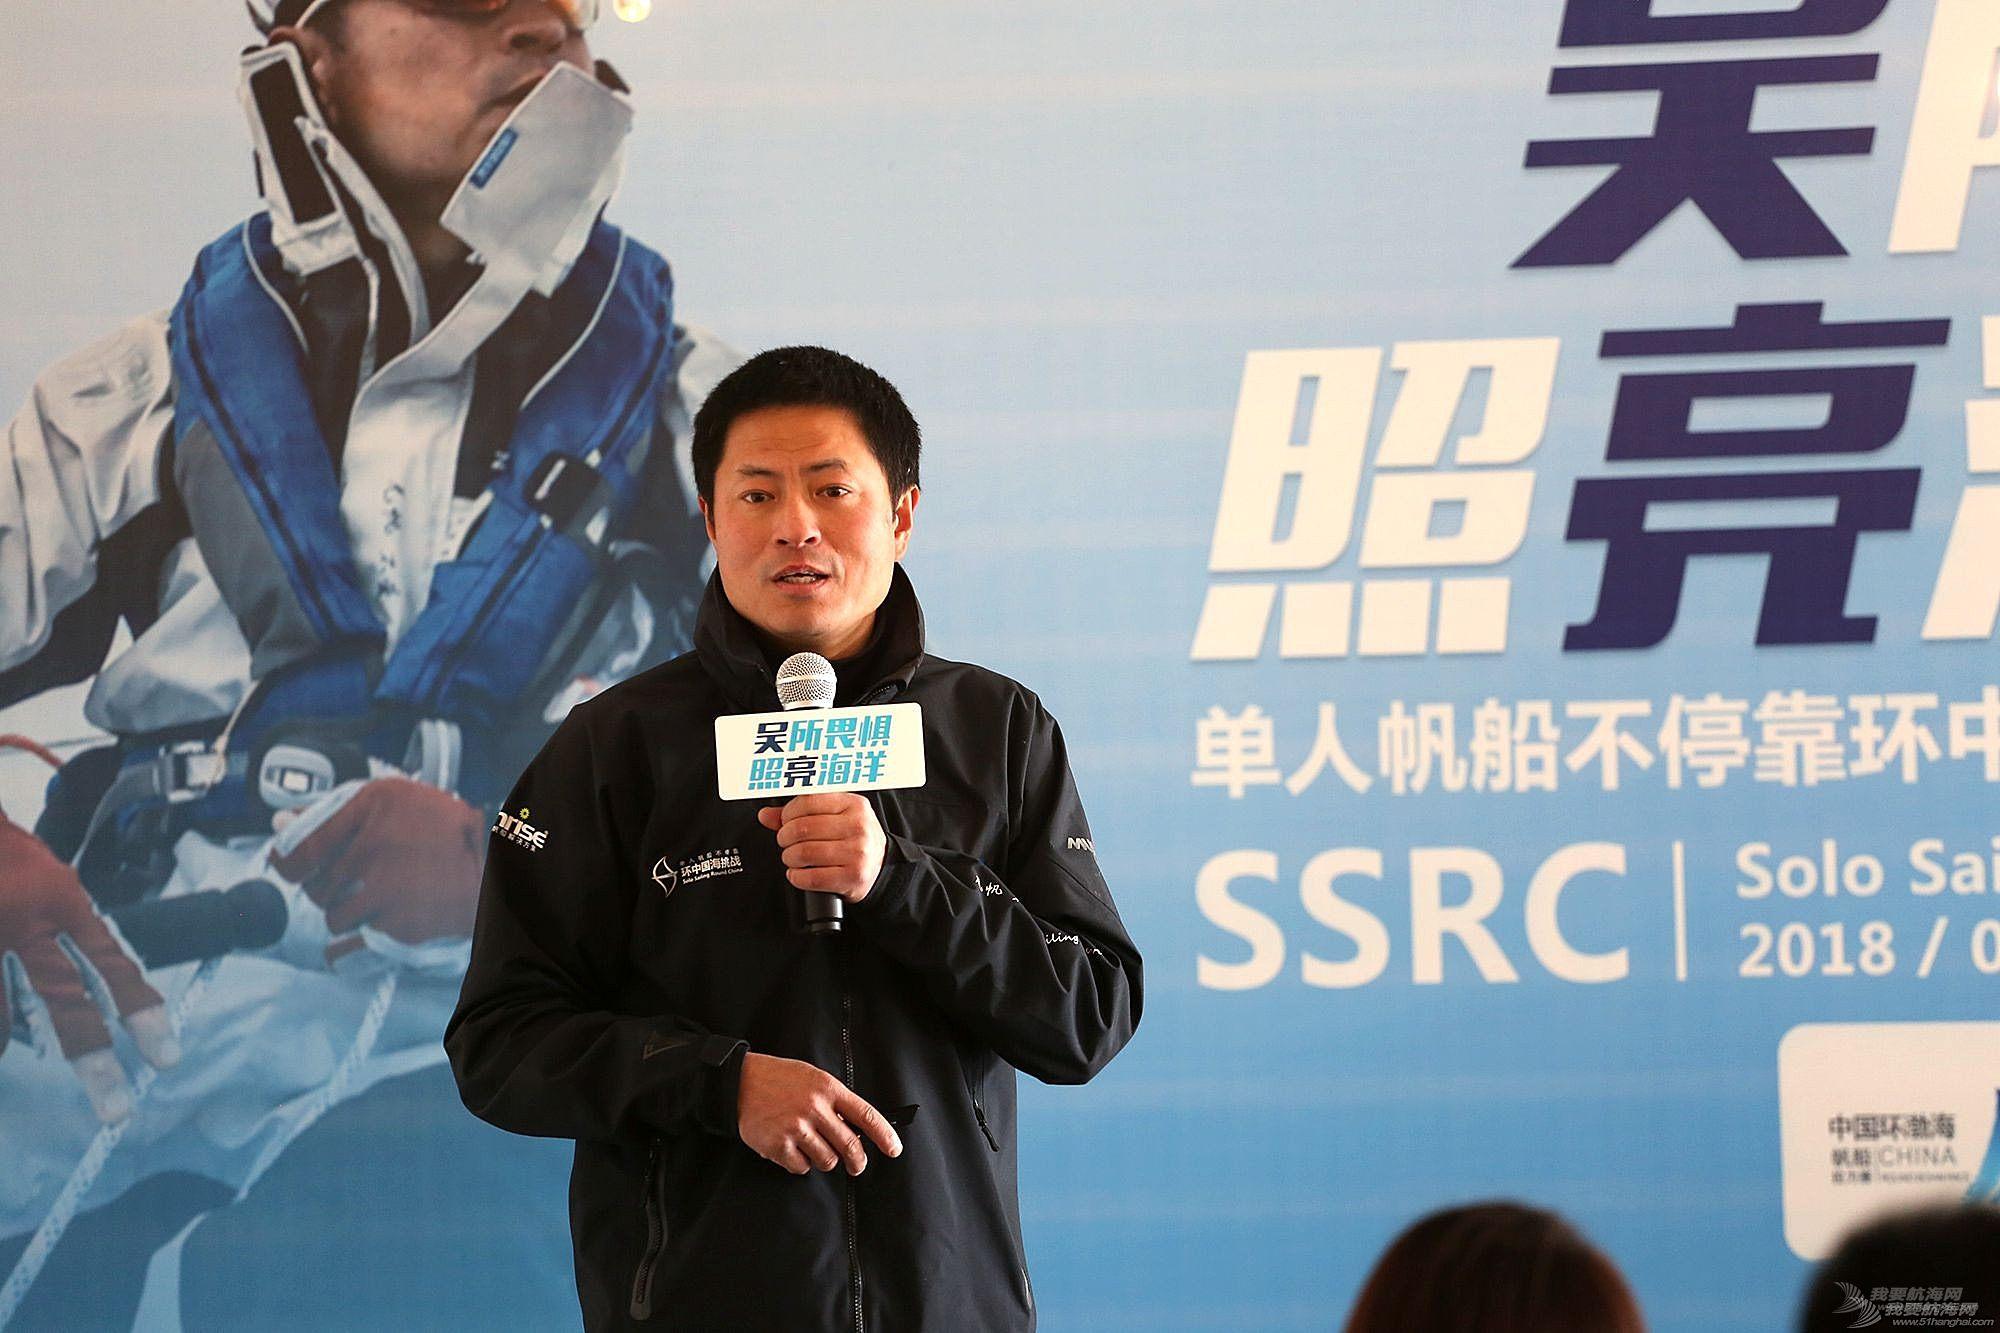 单人帆船不停靠环中国海洋环保行进入倒计时